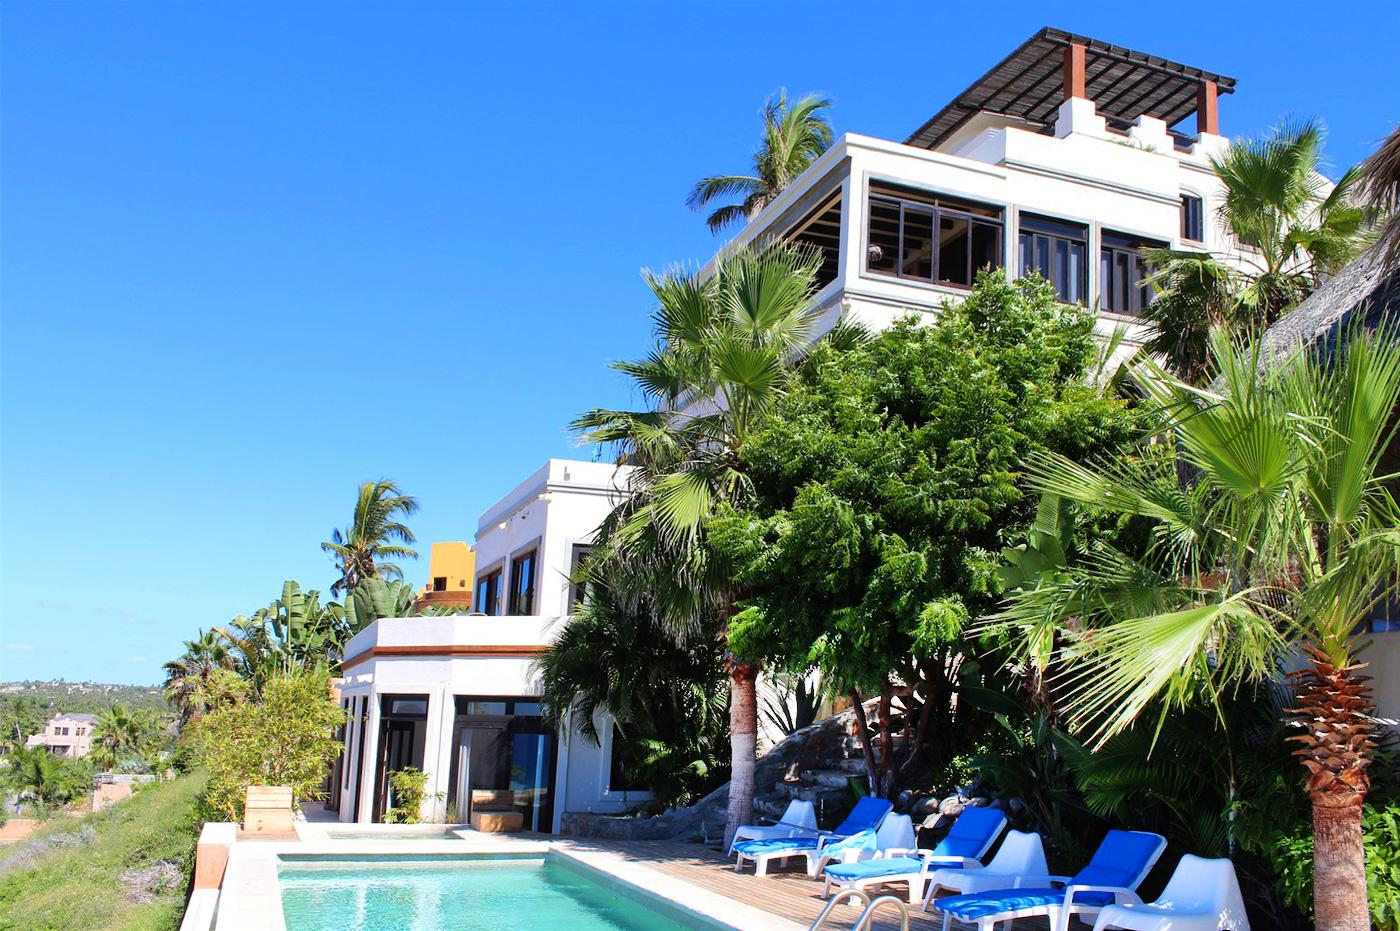 Villas La Mar Todos Santos Mexico